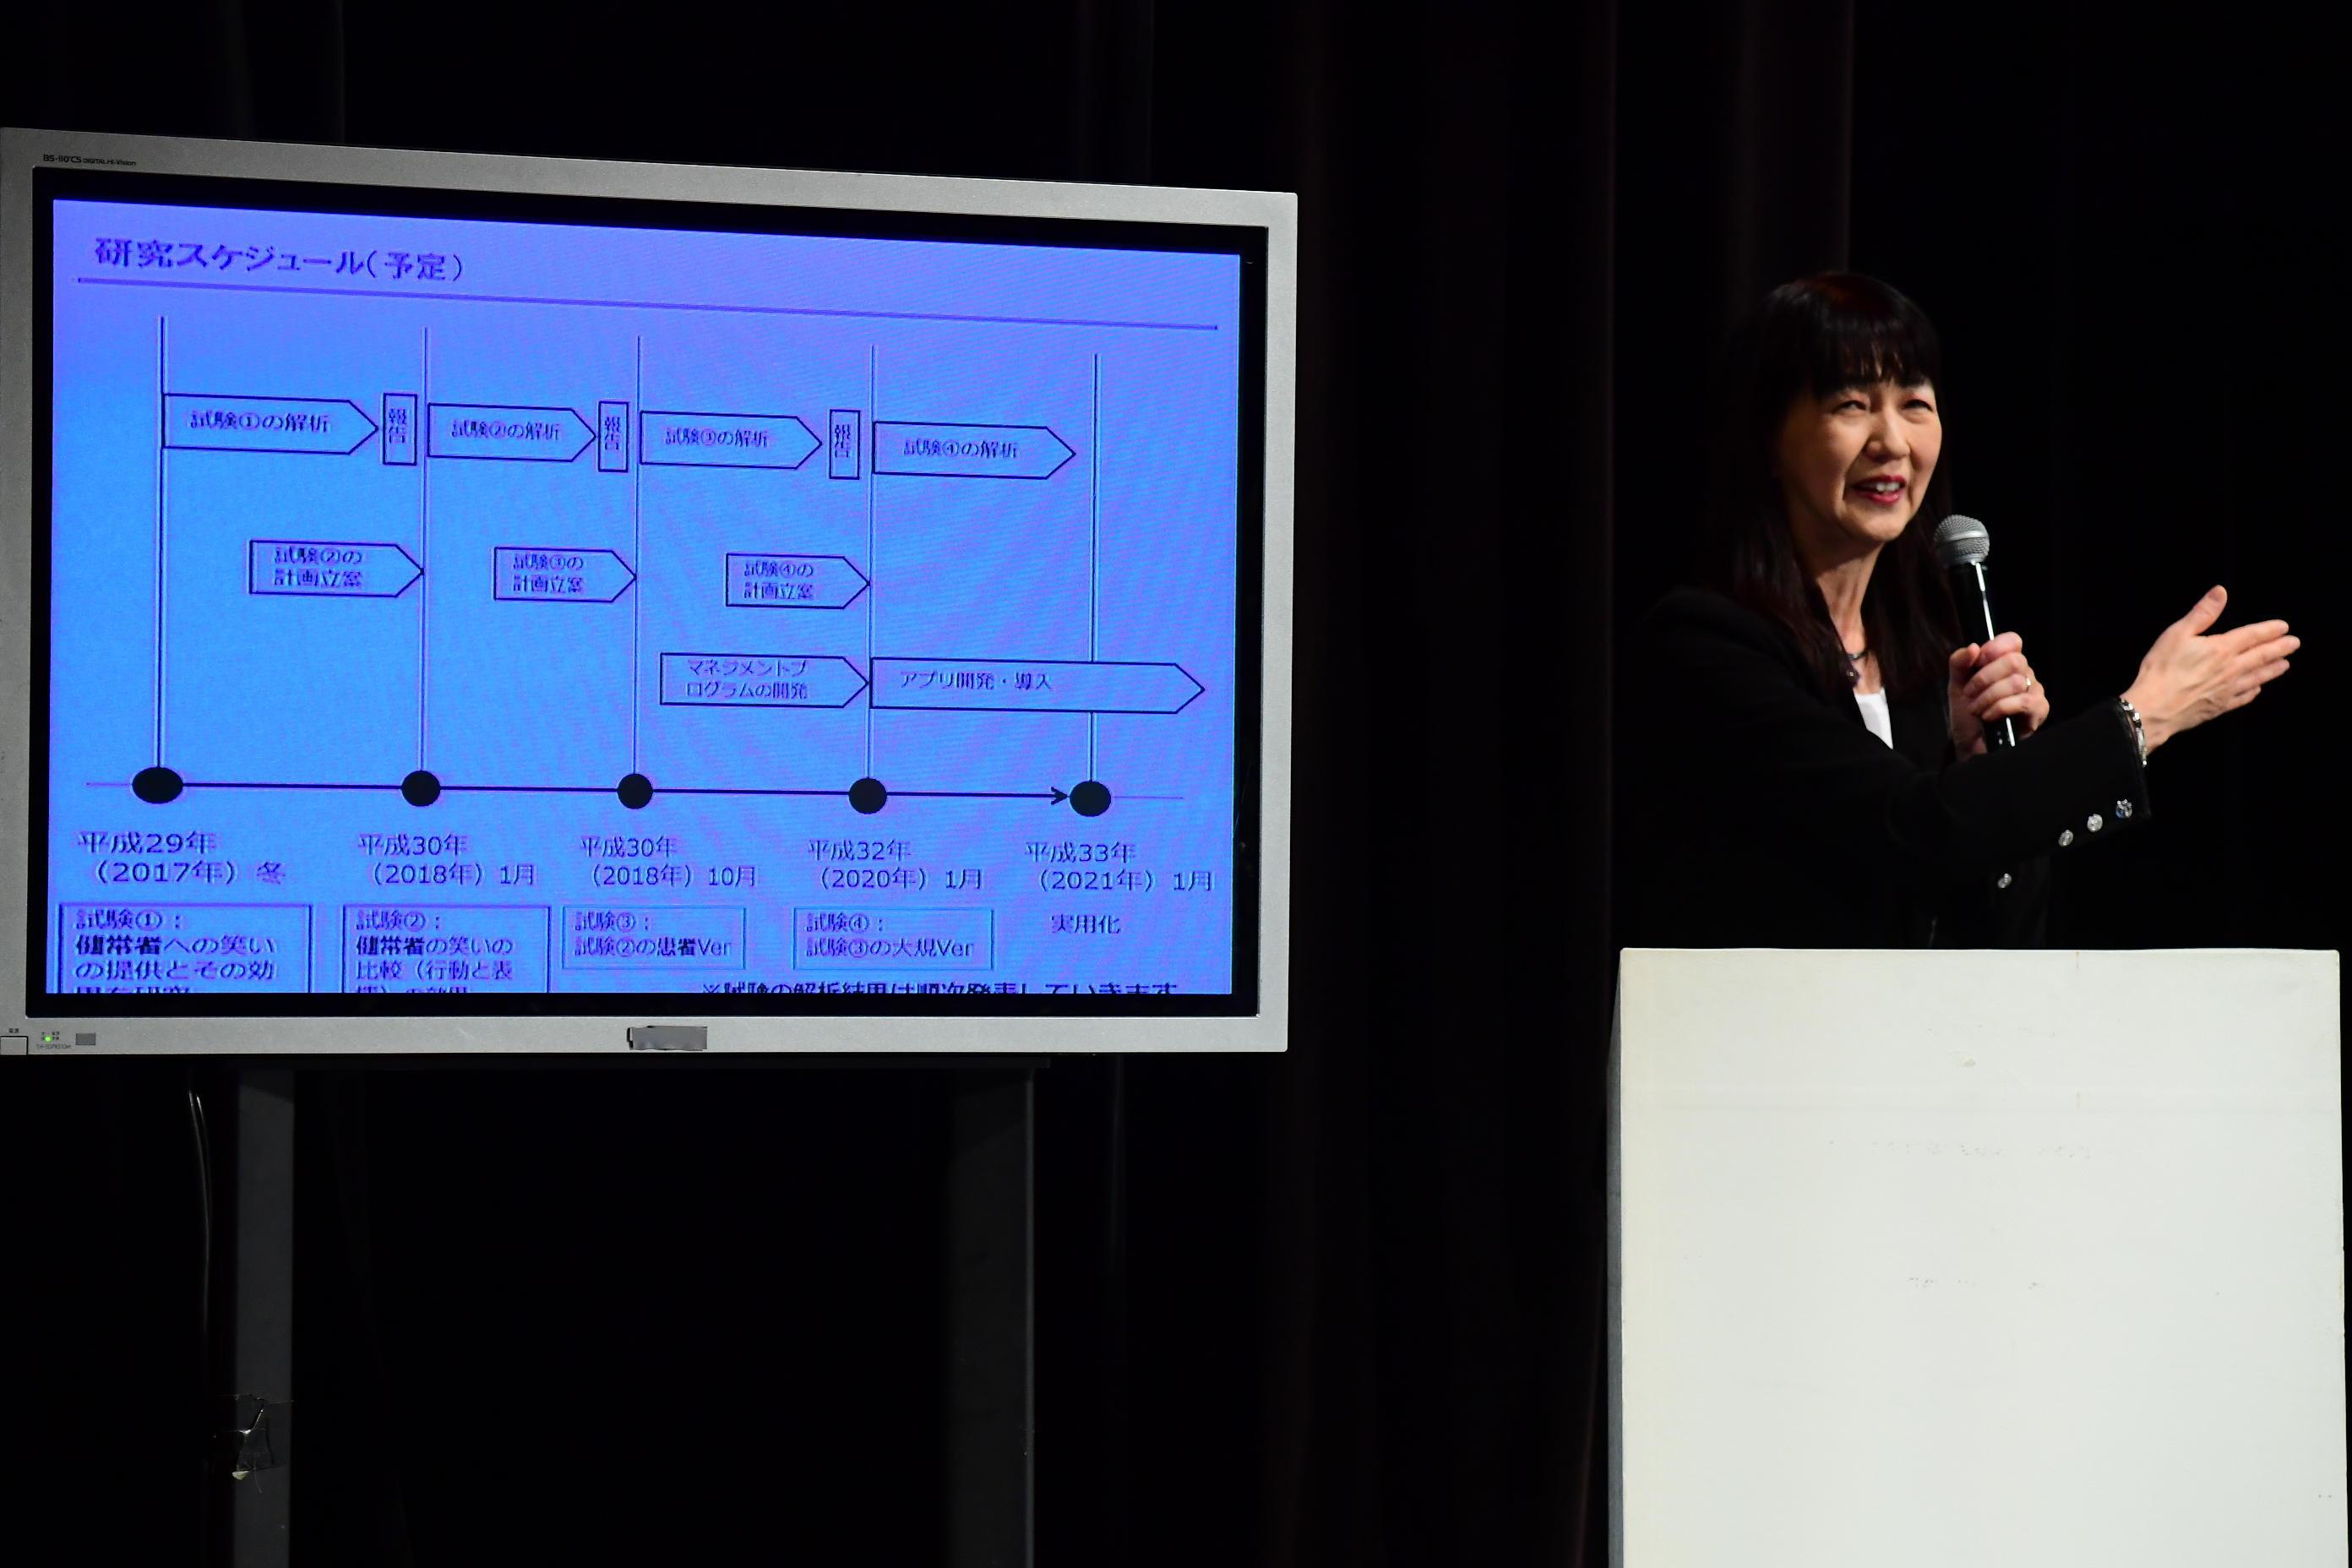 http://news.yoshimoto.co.jp/20170215202336-a281d6b01015b5e06f10d10075dd301f327ce169.jpg